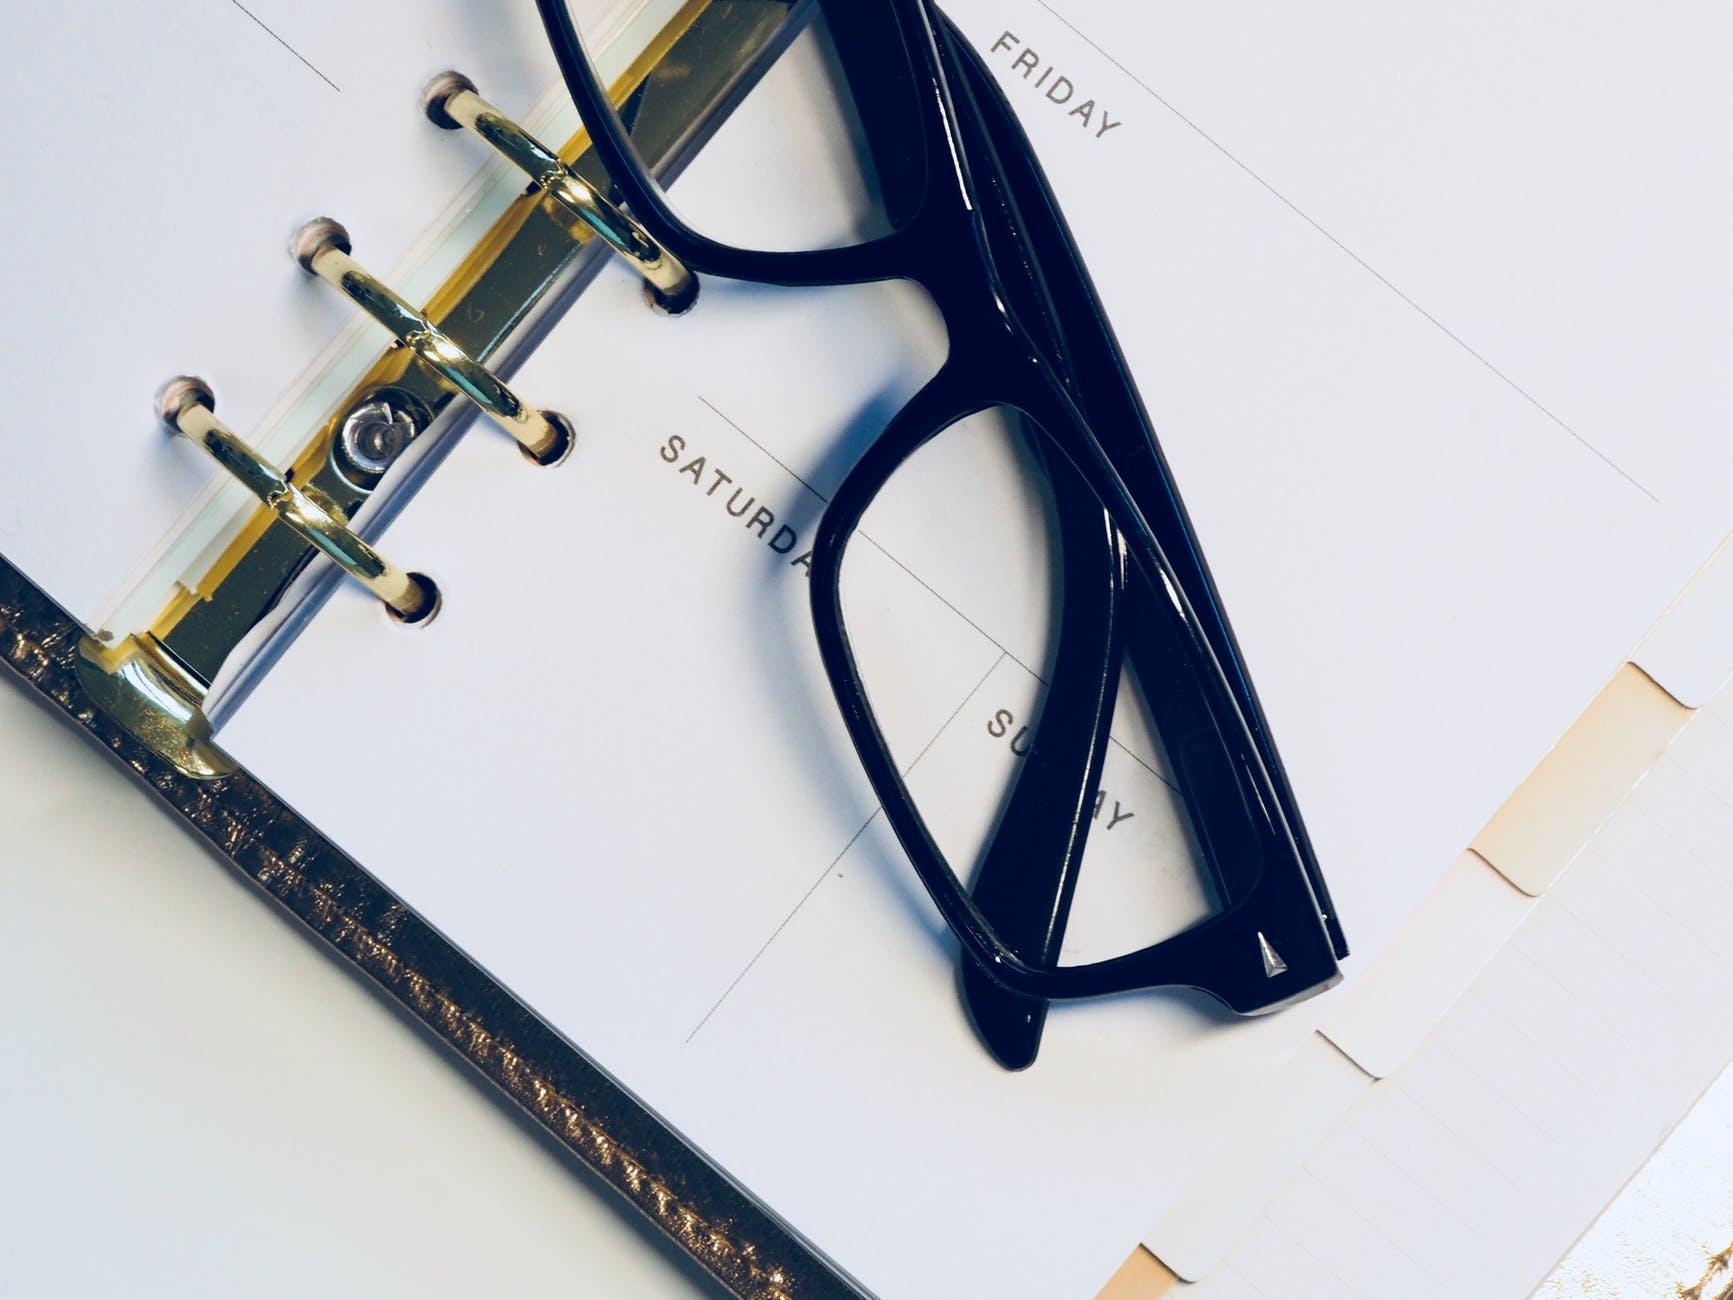 black framed wayfarer style eyeglasses on white surface that looks like a calendar for planning what's next